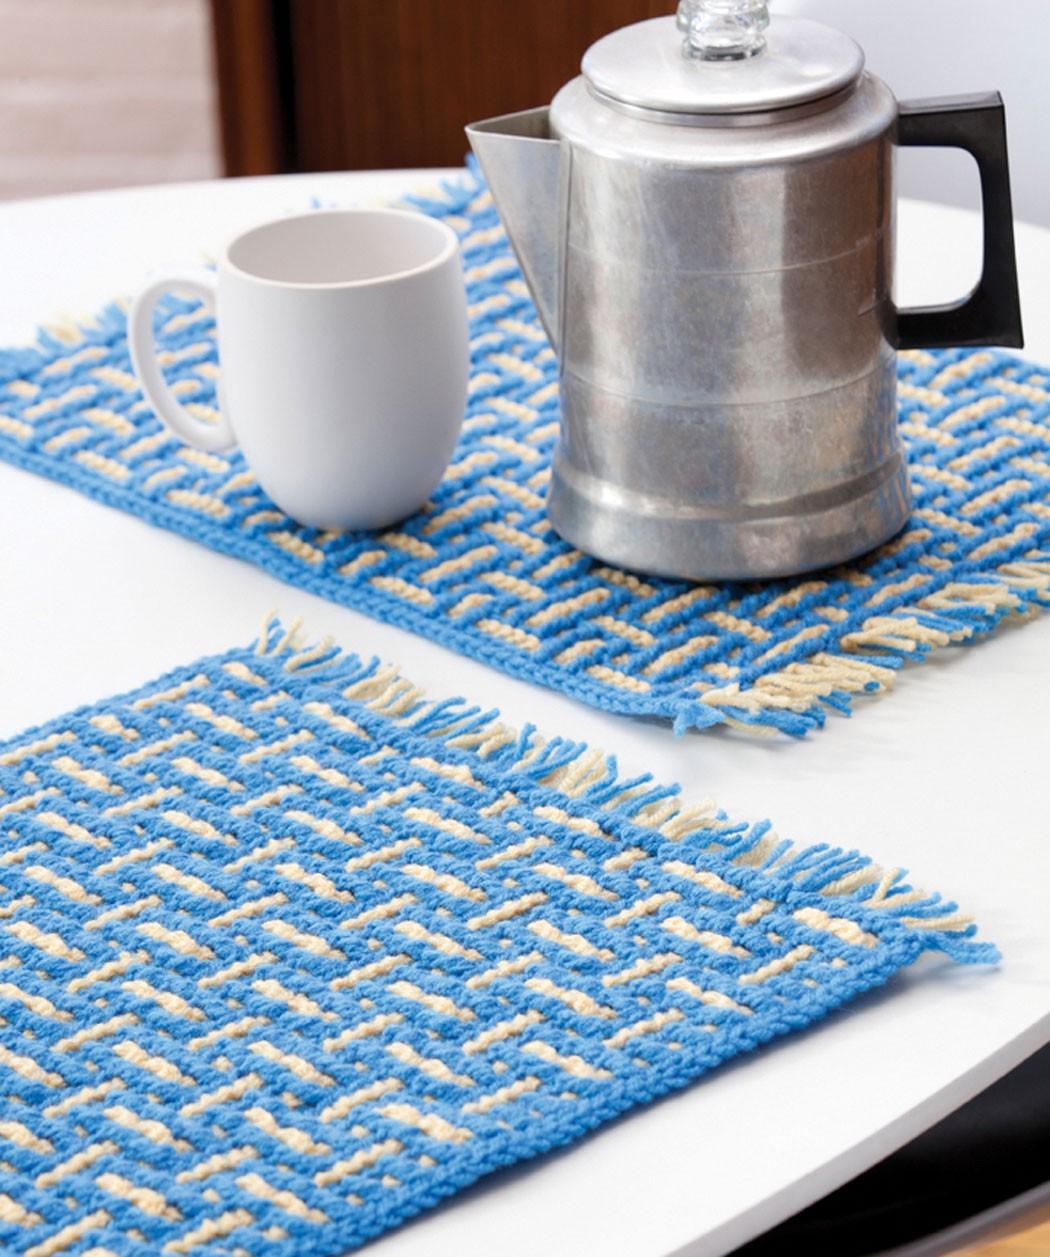 Mosaic Basketweave Placemat Knitting Pattern